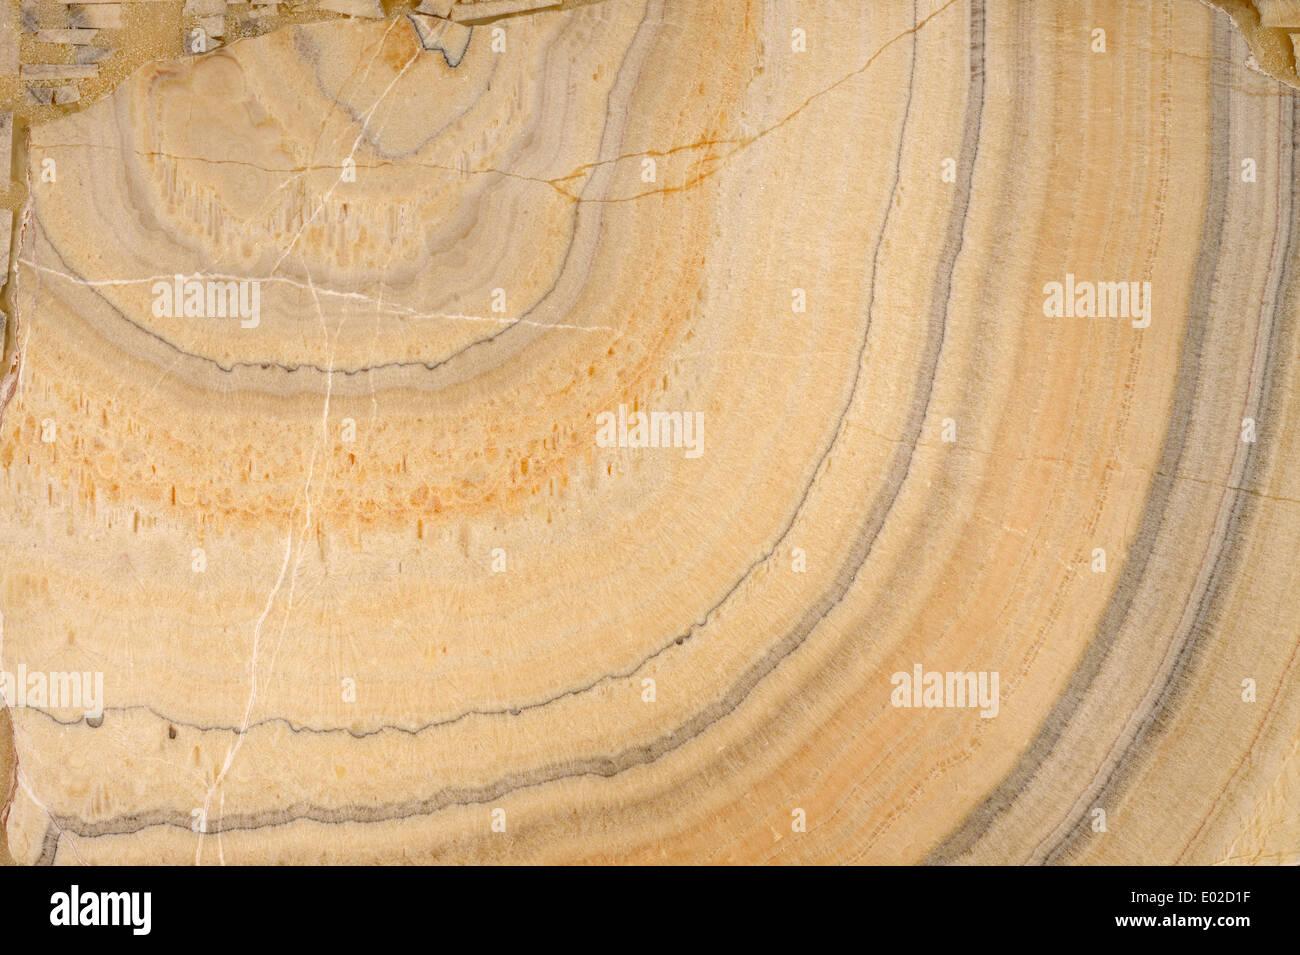 Las texturas de la piedra natural para el diseño Imagen De Stock